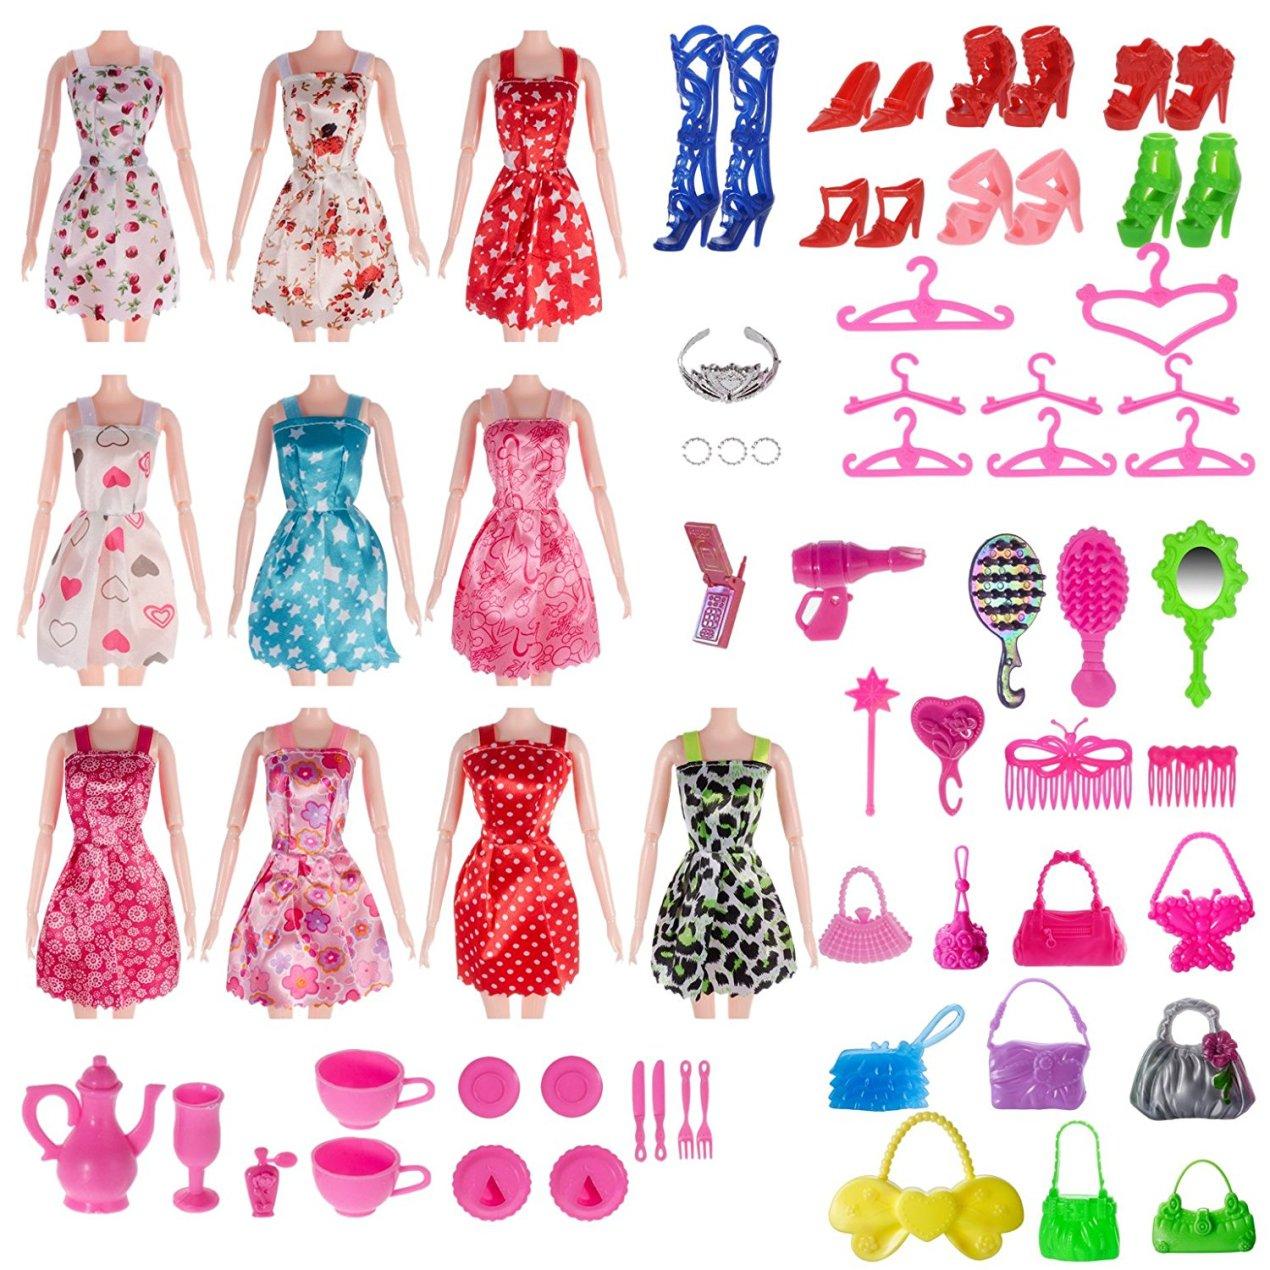 Barbie Compatible Total 120pcs Accessory Set